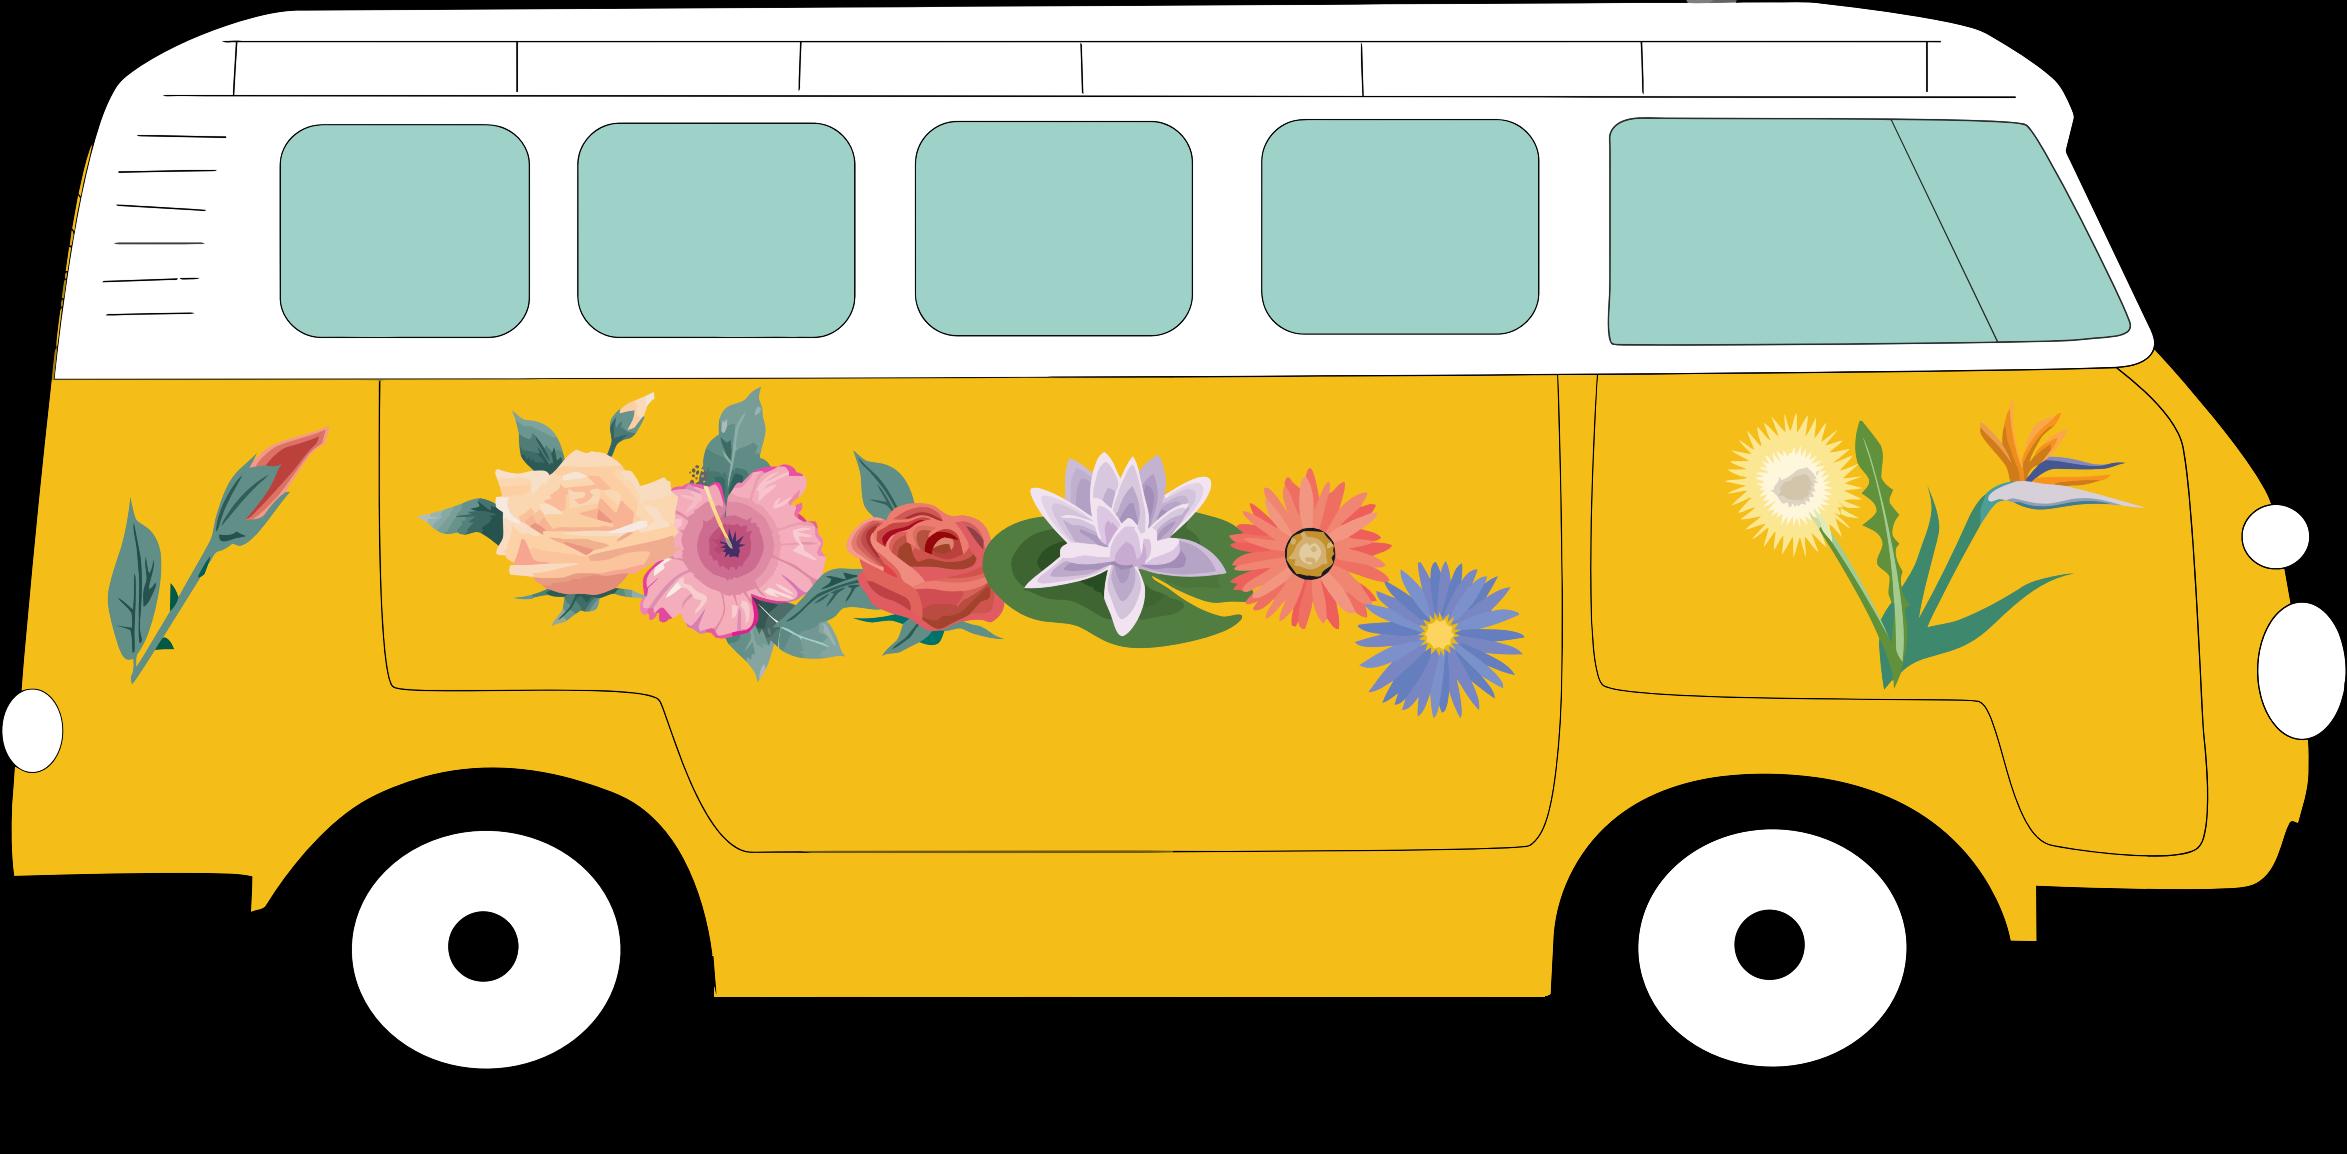 Clipart - Floral Volkswagen Camper